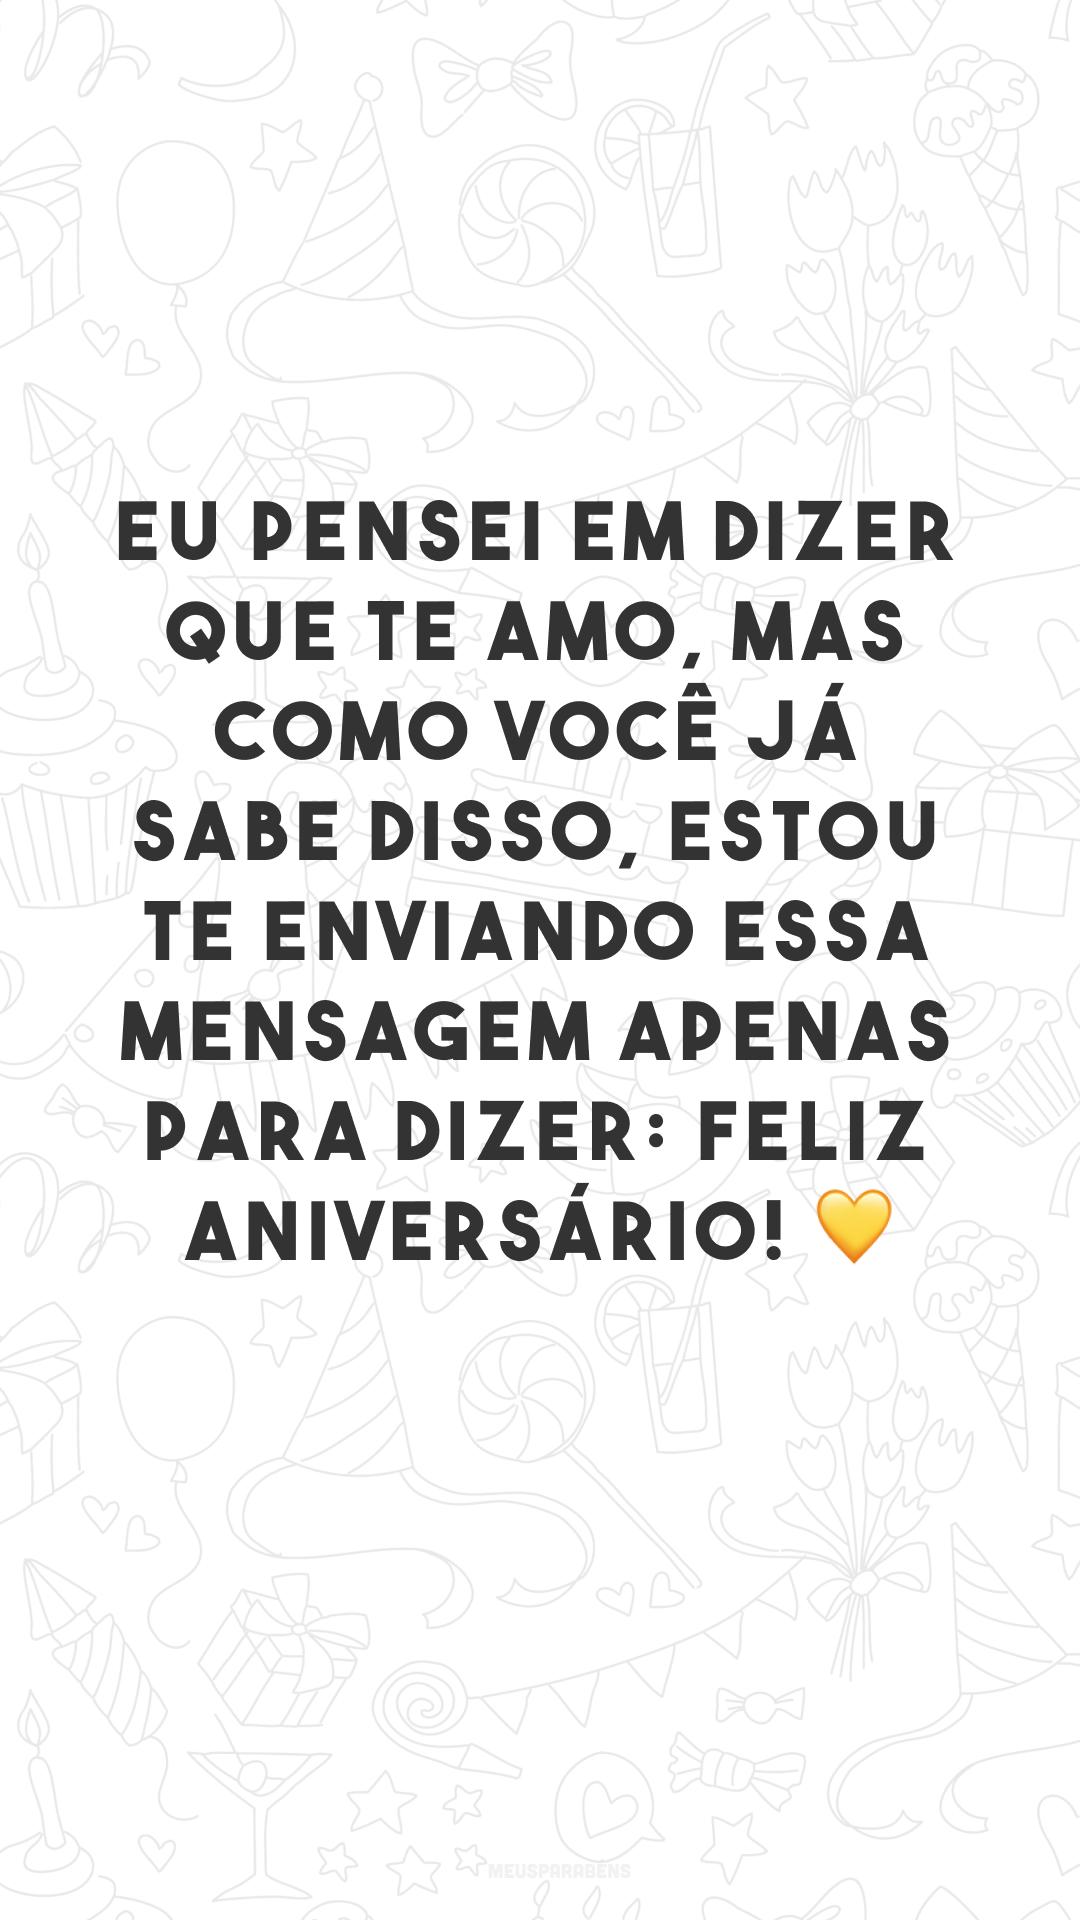 Eu pensei em dizer que te amo, mas como você já sabe disso, estou te enviando essa mensagem apenas para dizer: feliz aniversário! 💛<br />